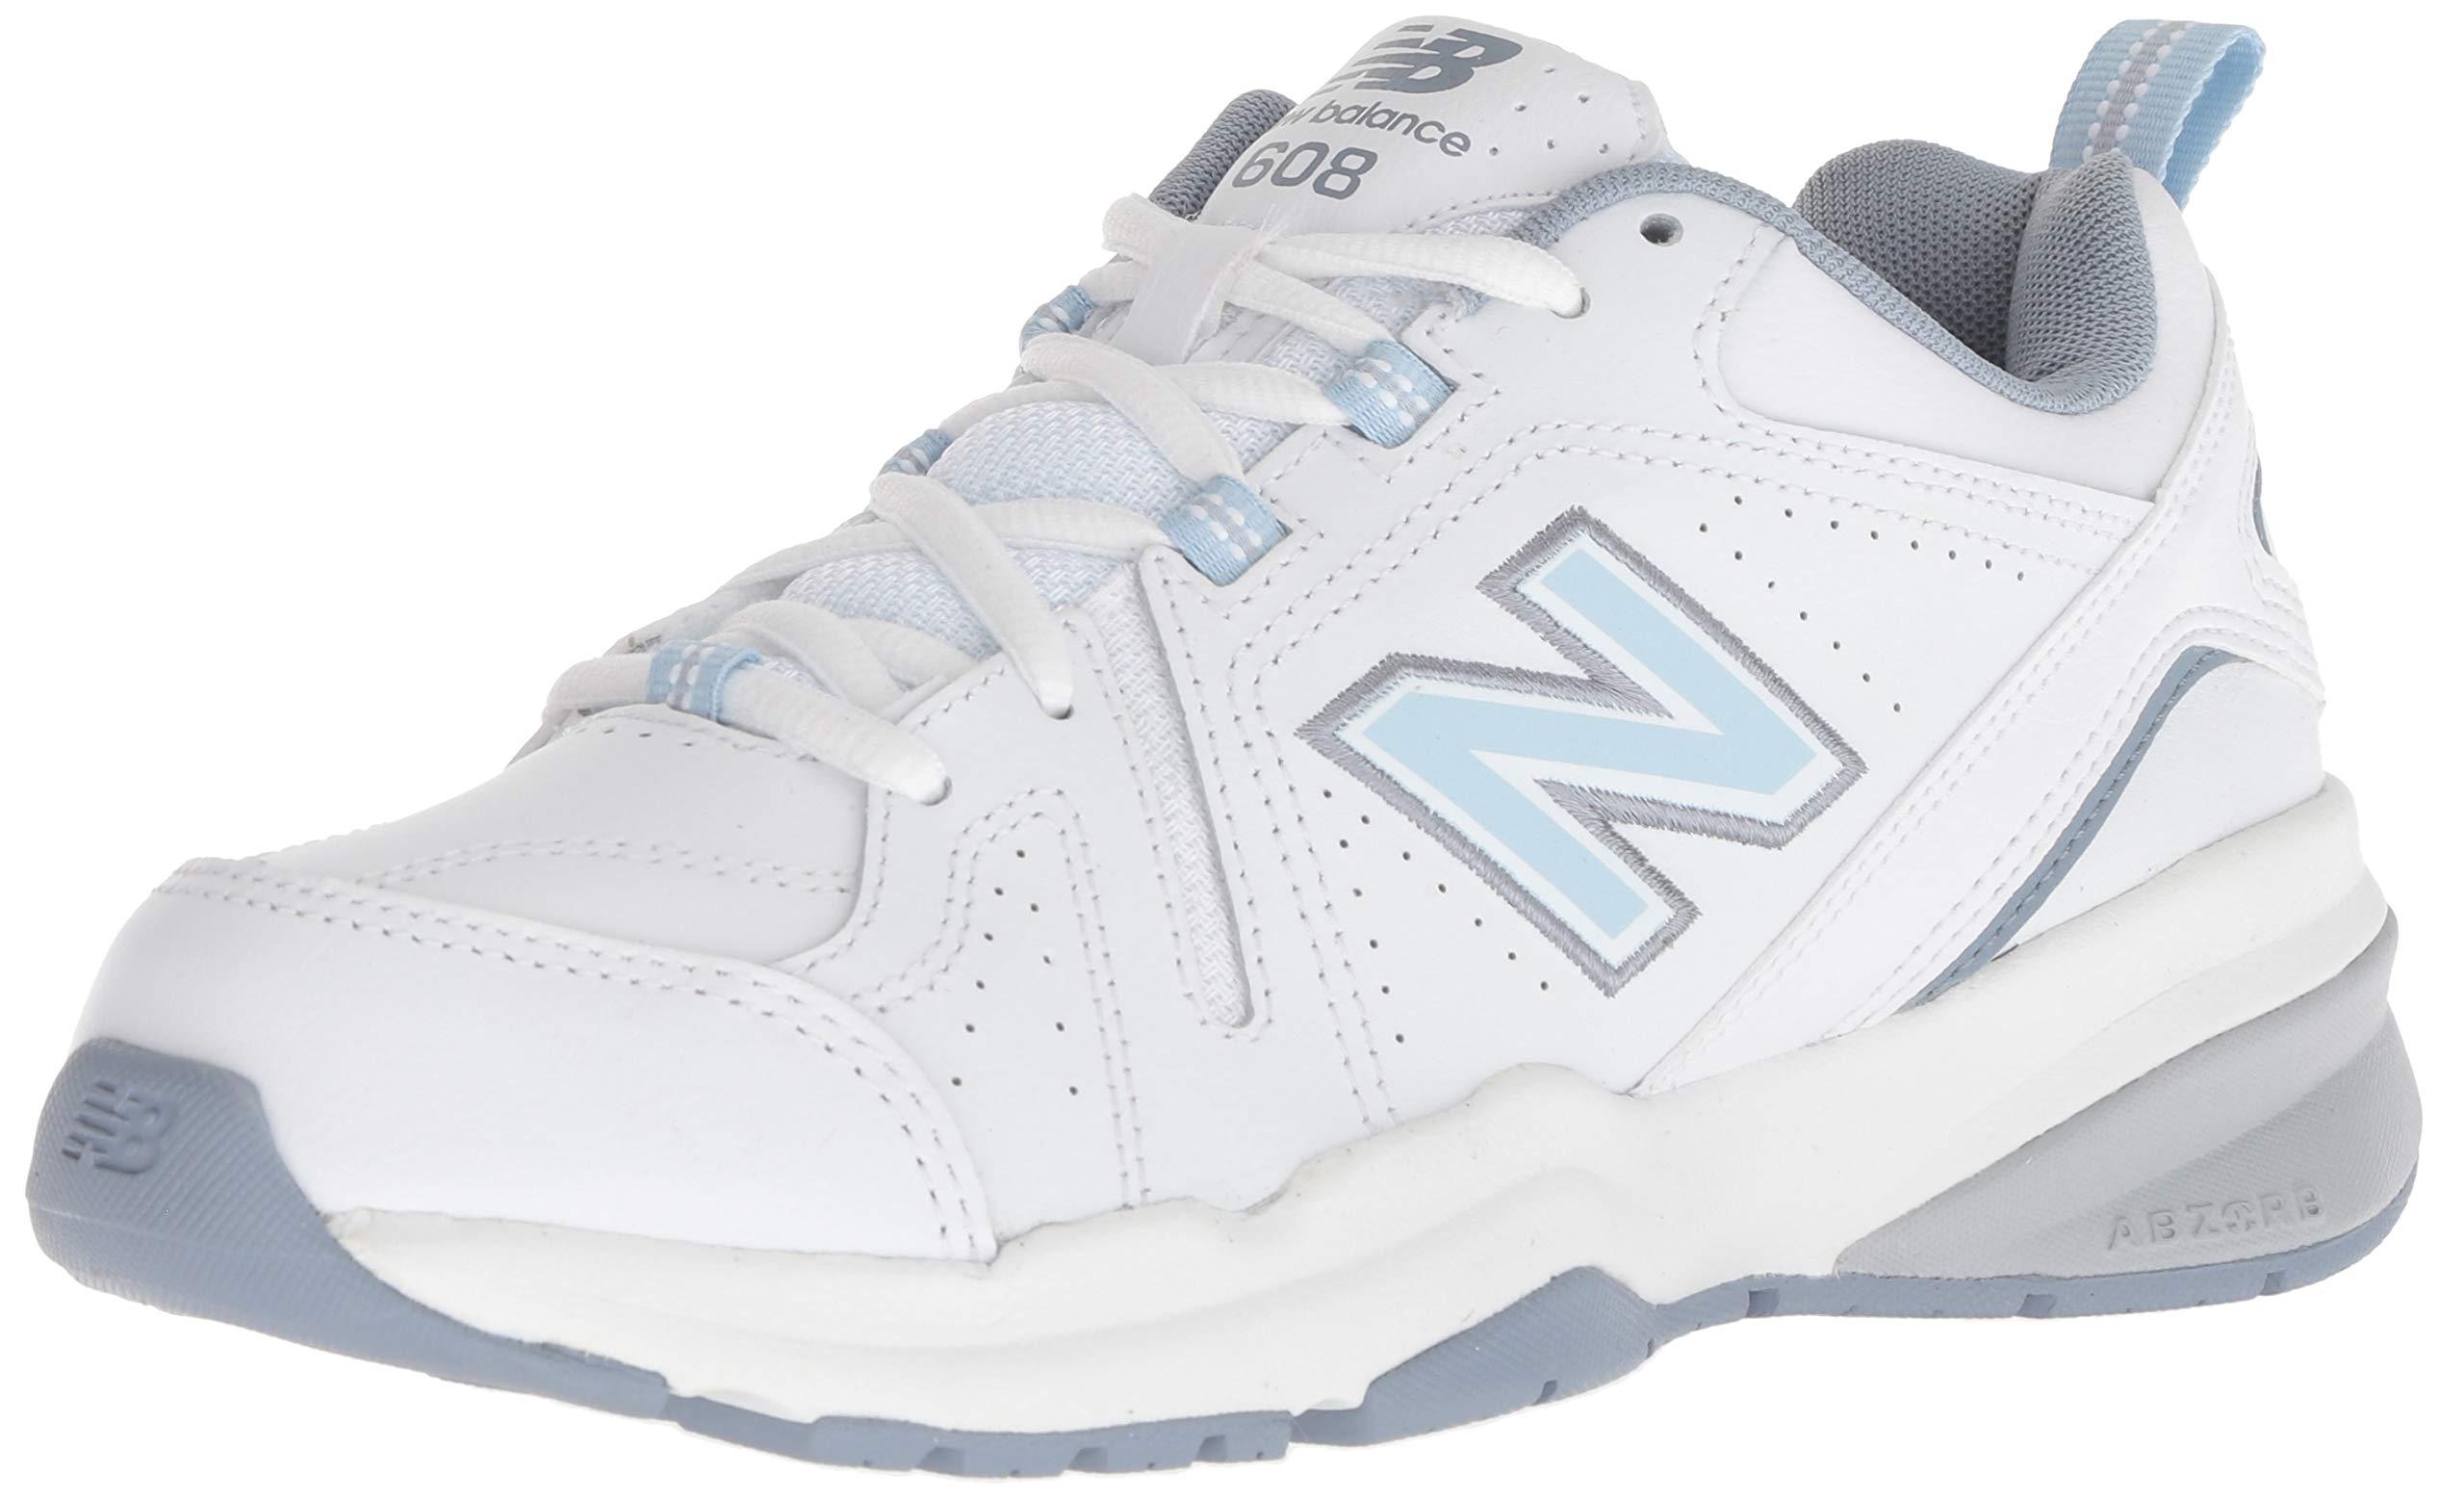 New Balance Women's 608v5 Casual Comfort Cross Trainer, White/Light Blue, 5 B US